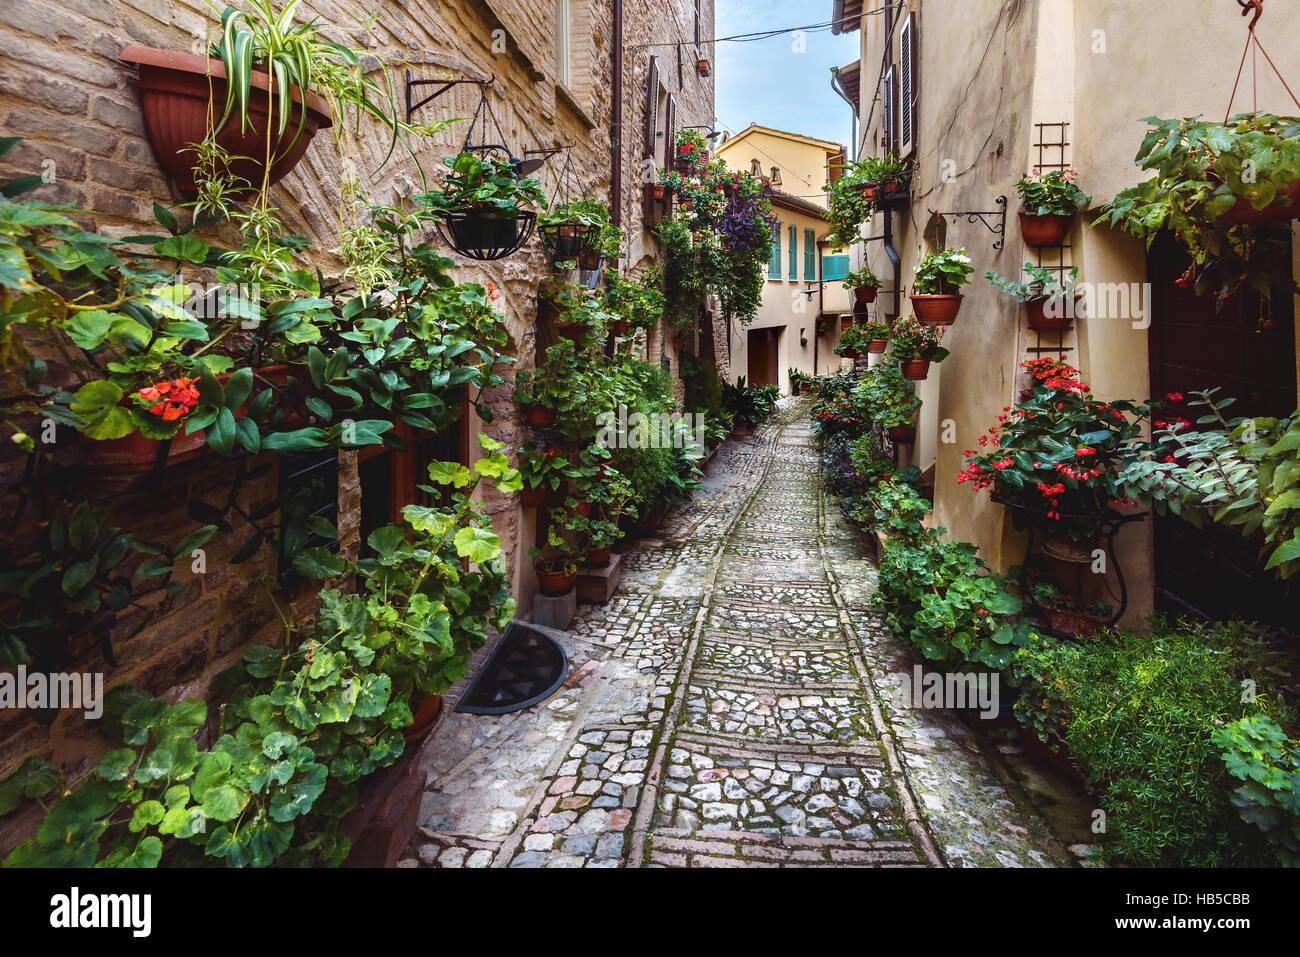 Sorprendente apariencia de calles llenas de flores de Spello, en Umbría. Imagen De Stock